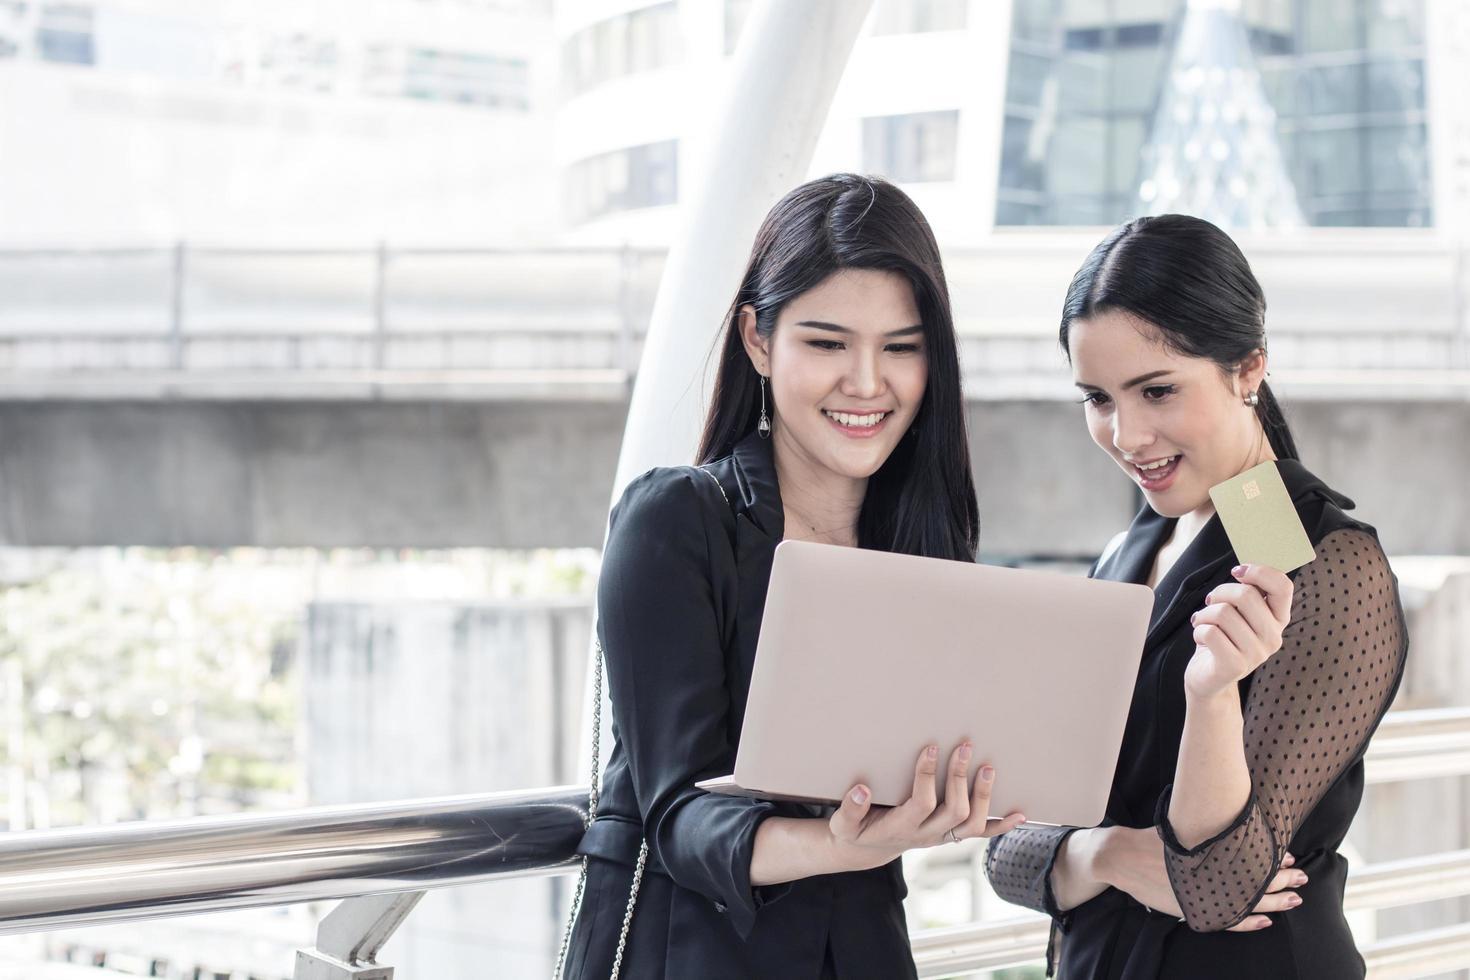 dos mujeres empresarias de compras en línea foto